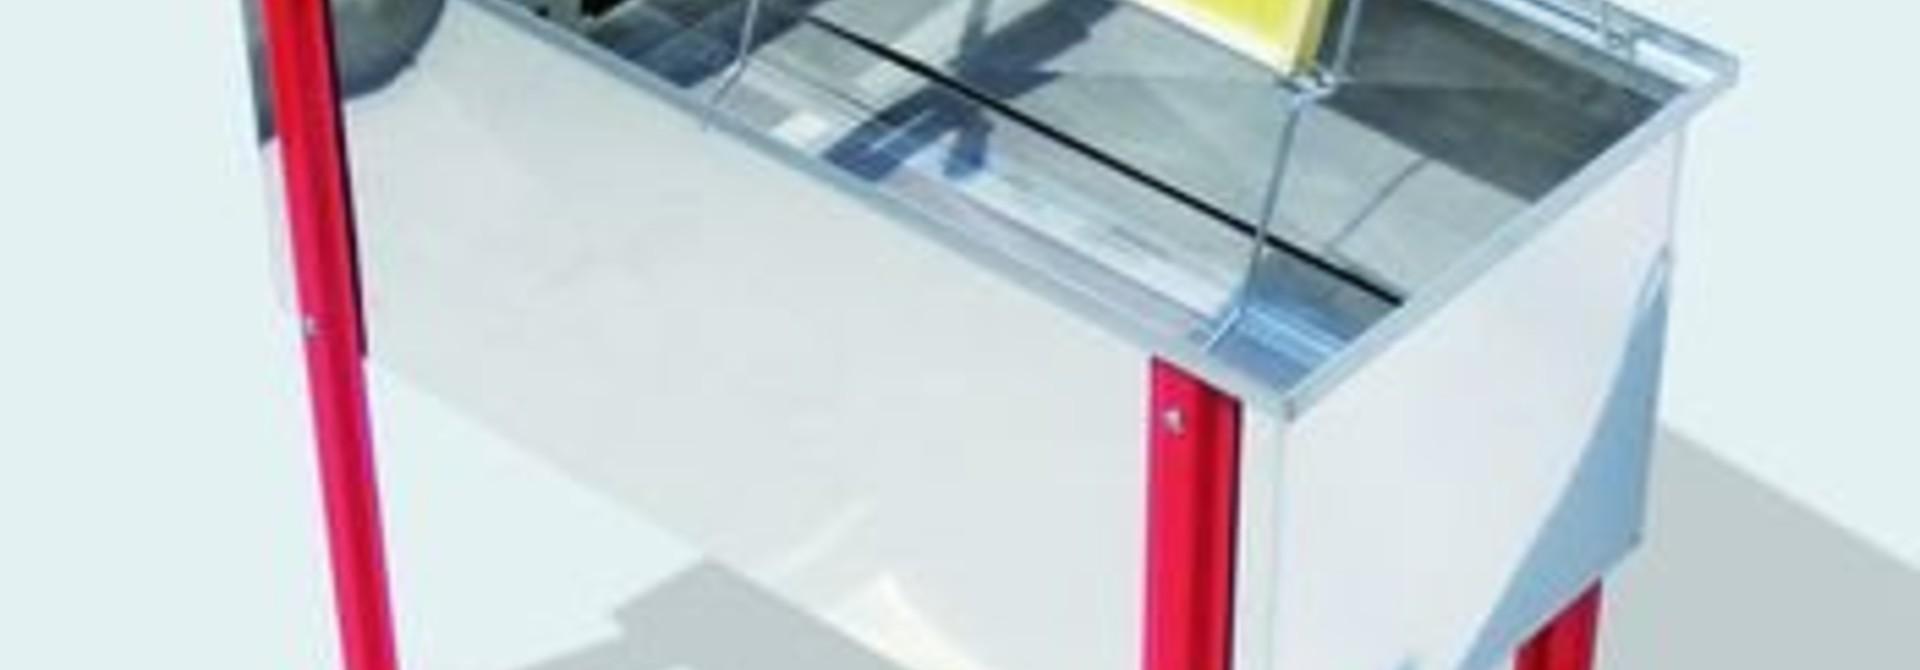 Inox ontzegelbak BANCO 125 cm